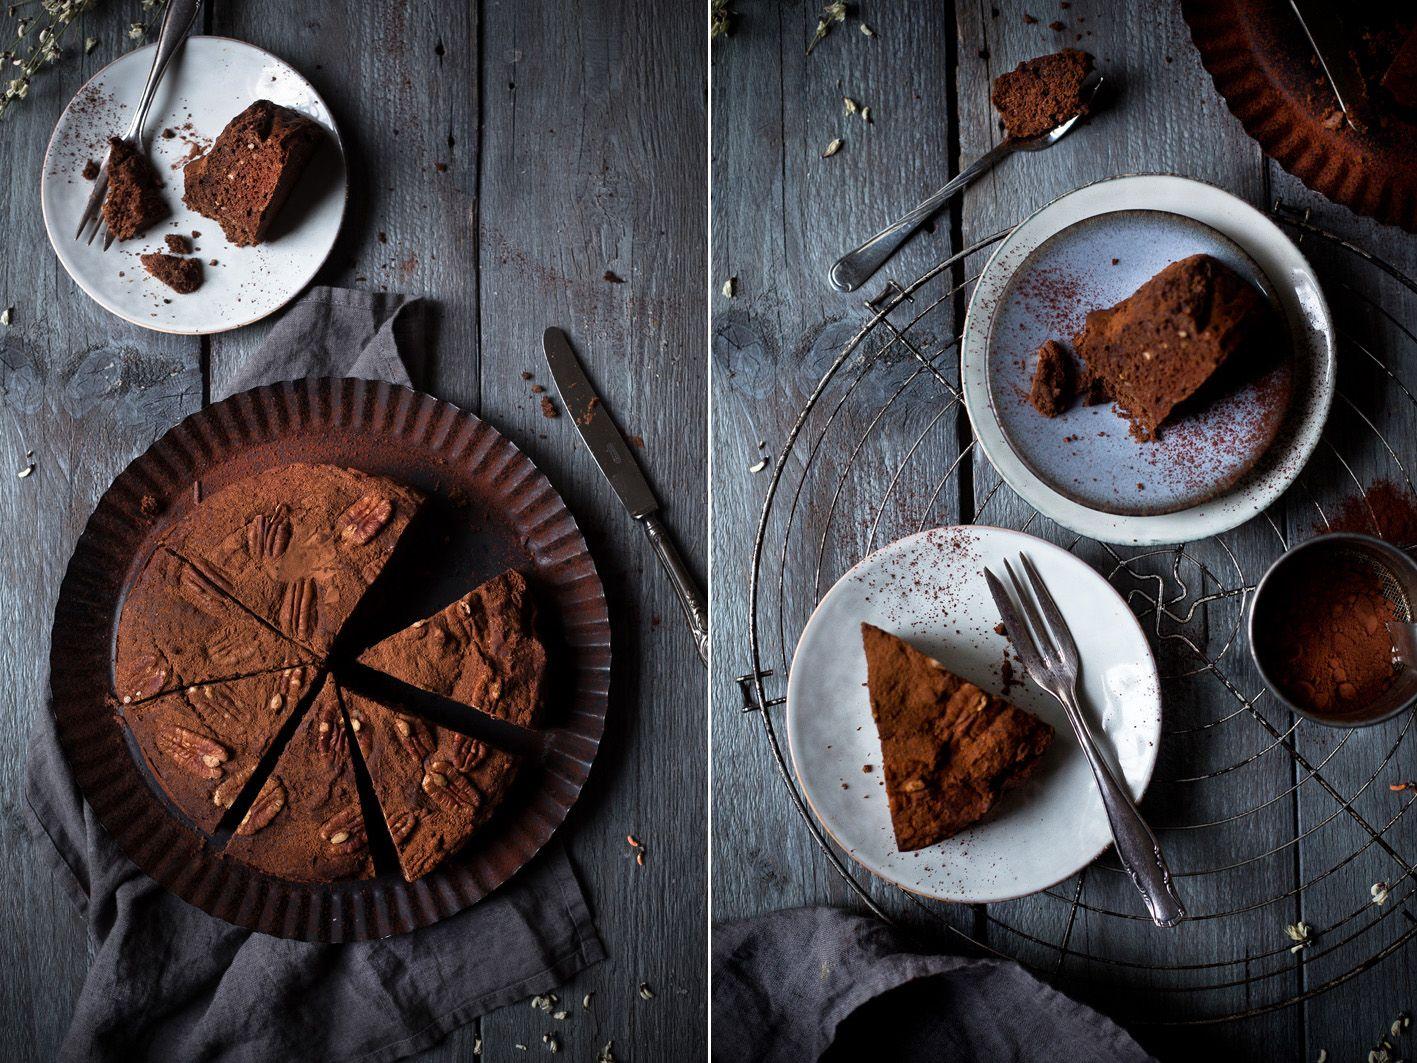 Feiner Schokoladen Dattel Kuchen Ohne Zucker Kuchen Ohne Zucker Kuchen Rezepte Ohne Zucker Kuchen Ohne Zucker Und Mehl